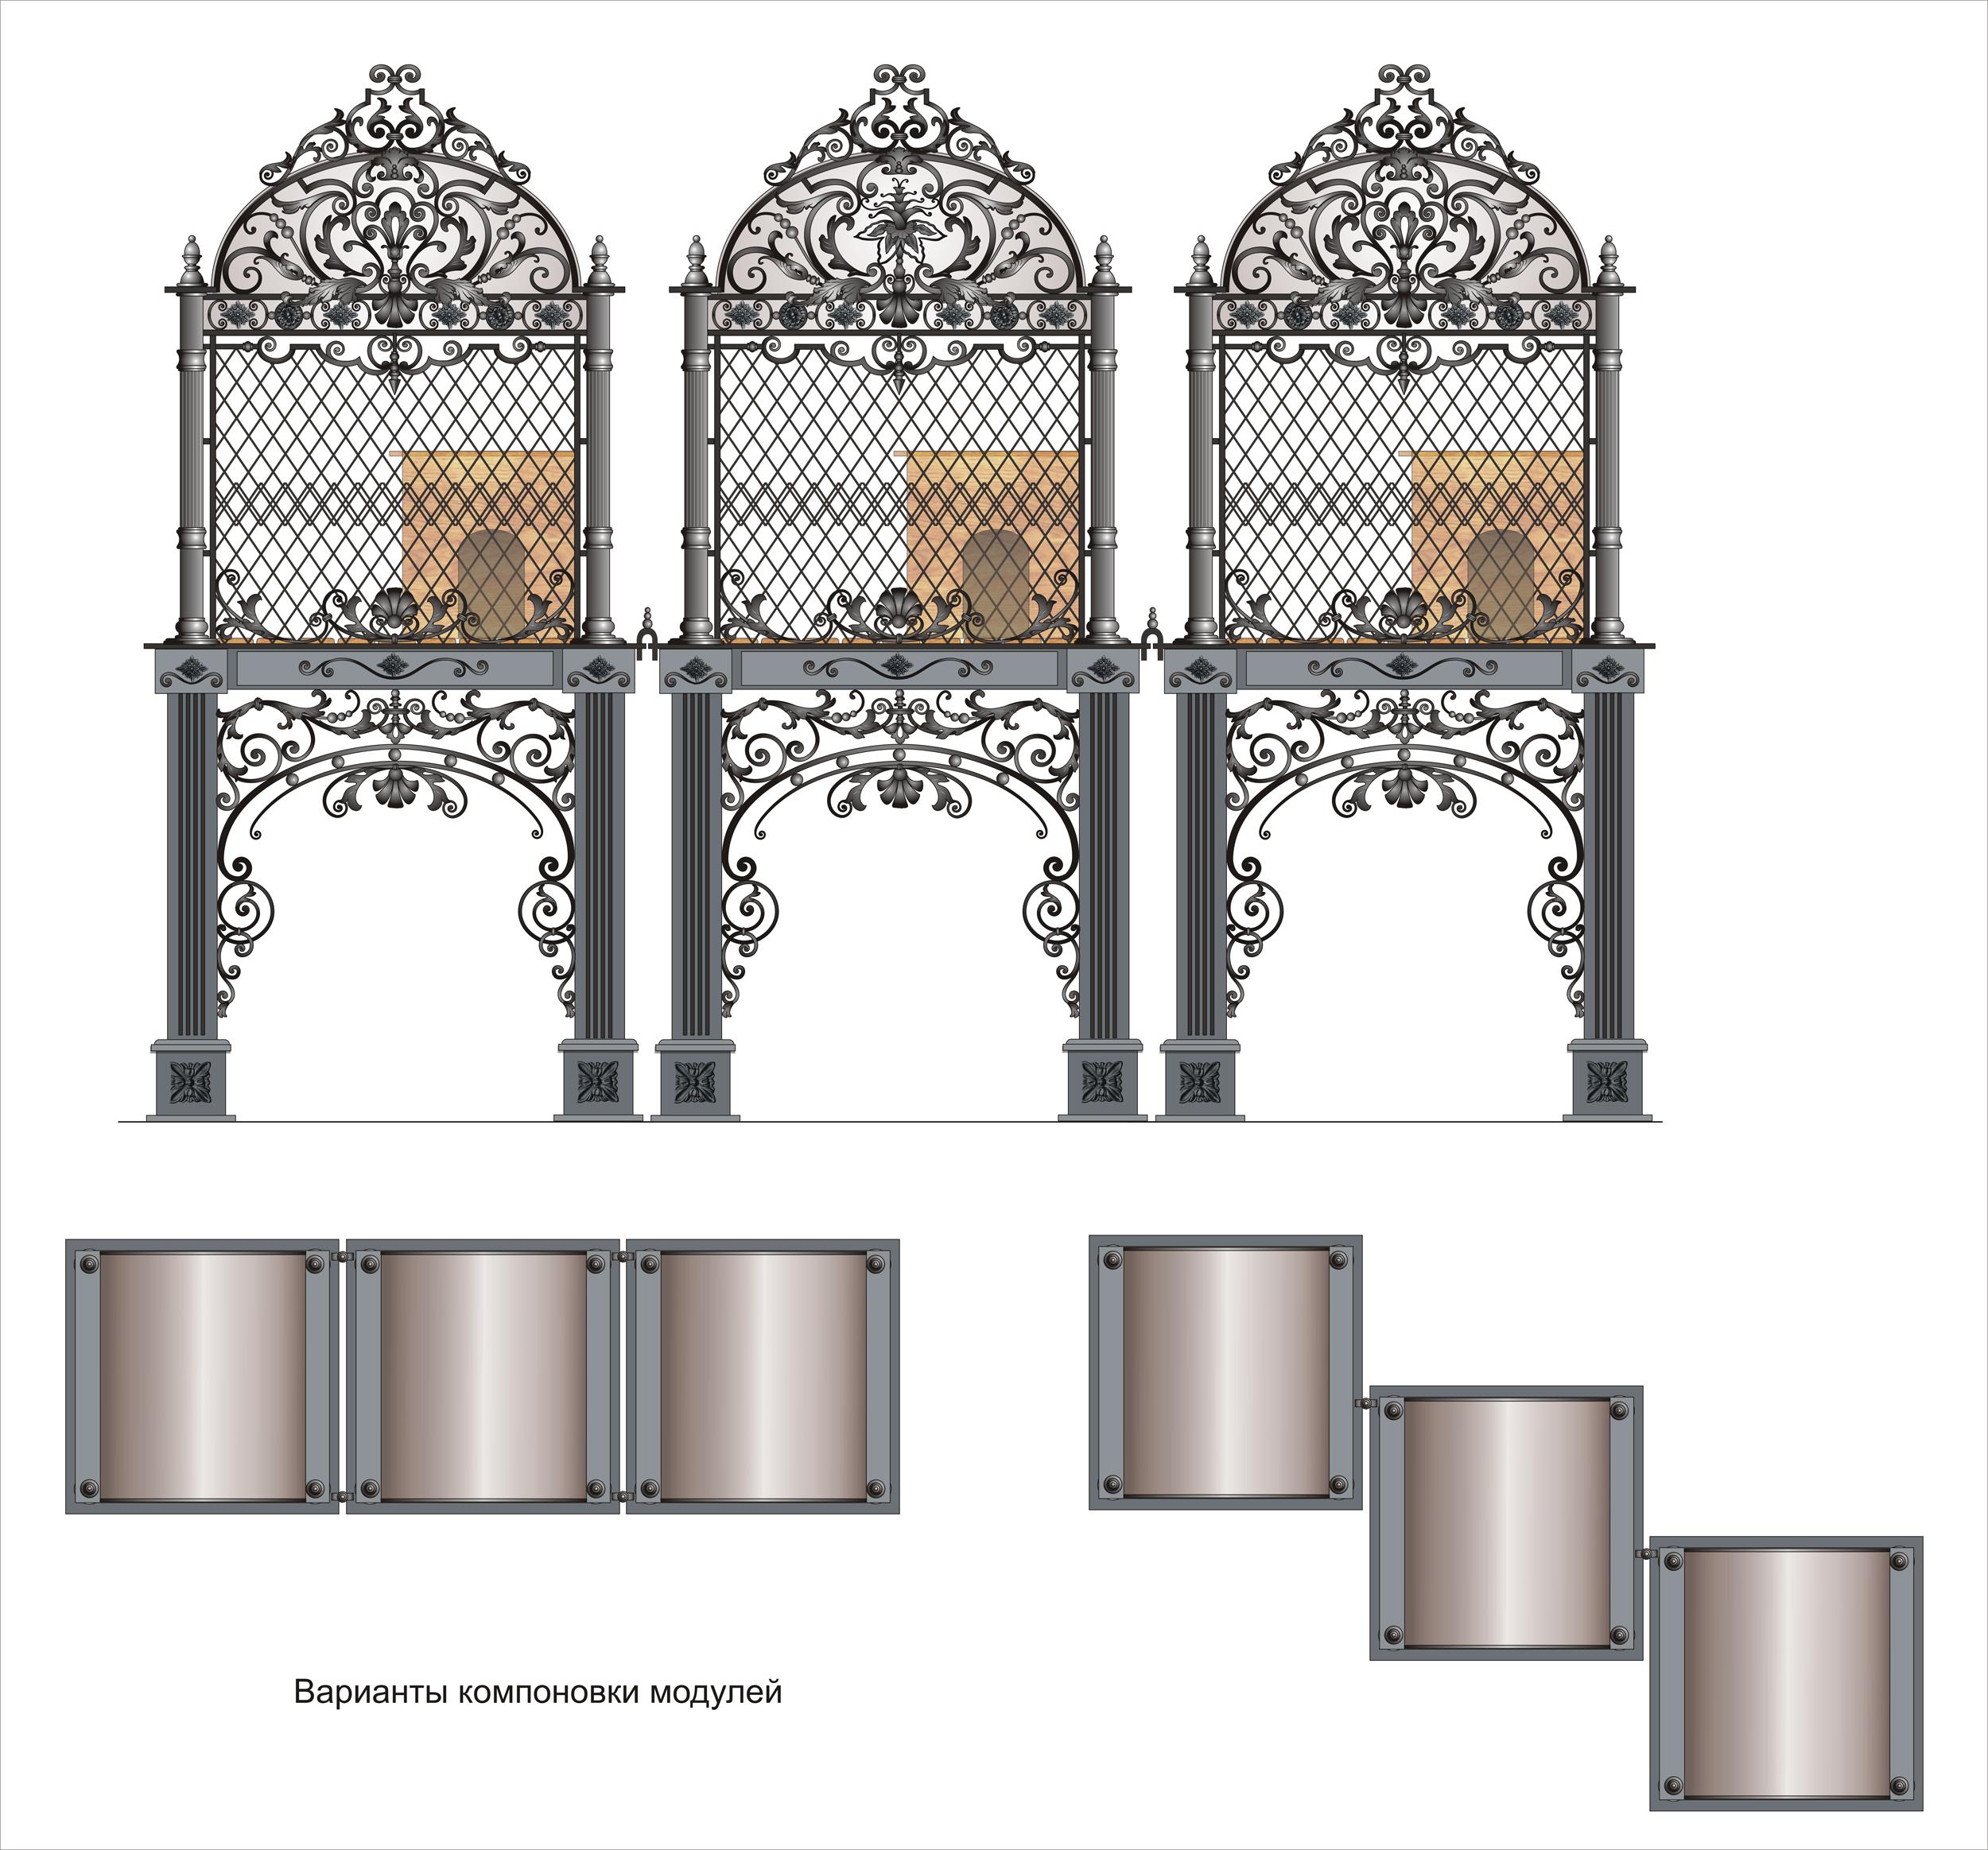 Дизайн конструкции для размещения в ней живого соболя фото f_825570145b998c2f.jpg